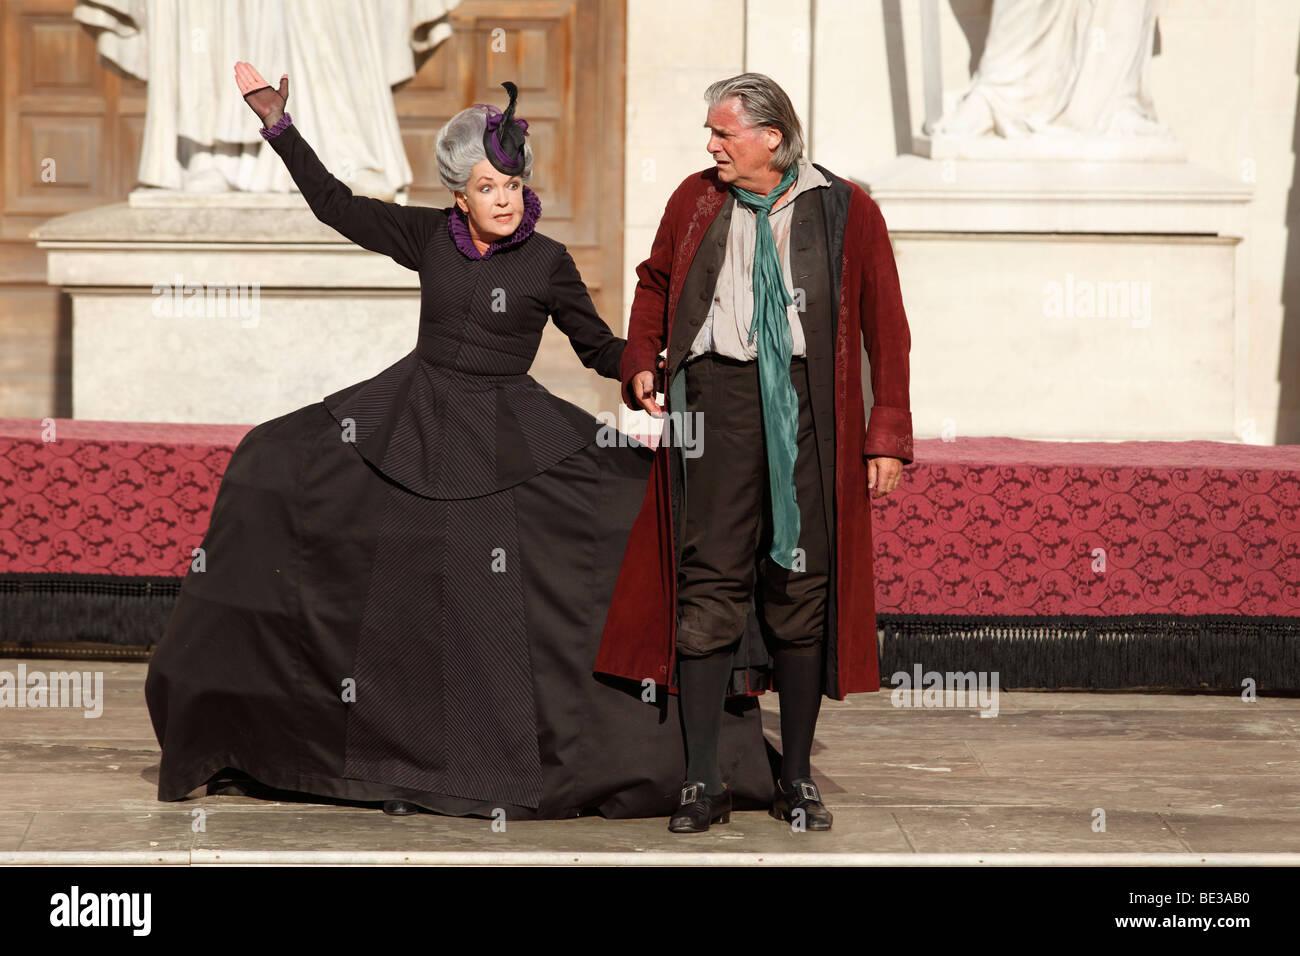 Jedermann, jedermann, gespielt von Peter Simonischek, mit Elisabeth Trissenaar als Jedermanns Mutter spielen durch Stockbild